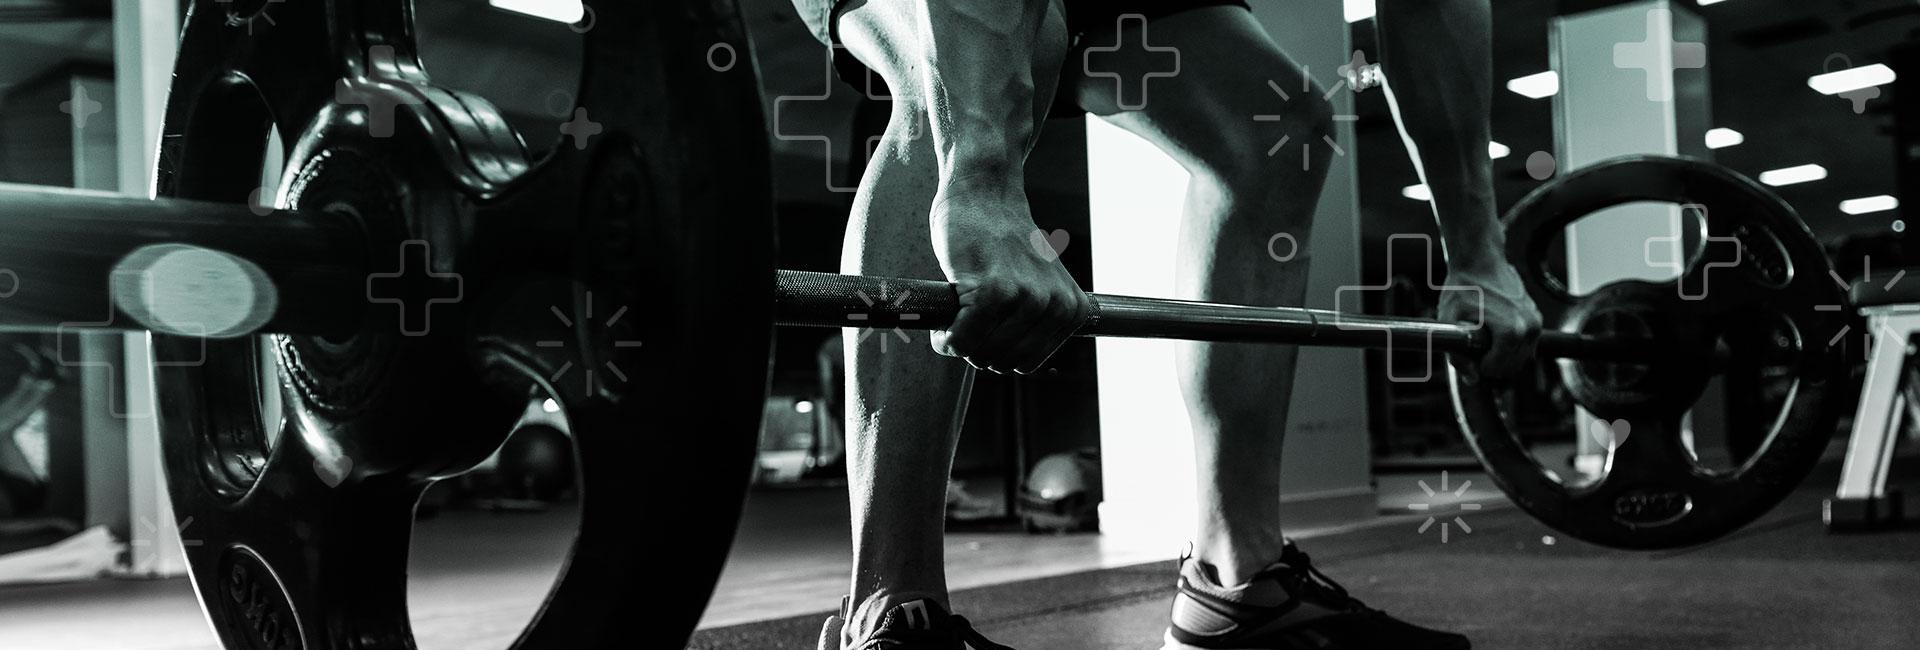 el estrés y el ejercicio intenso puede lograr activar una serie de sustancias que afectan a nuestro sistema inmune